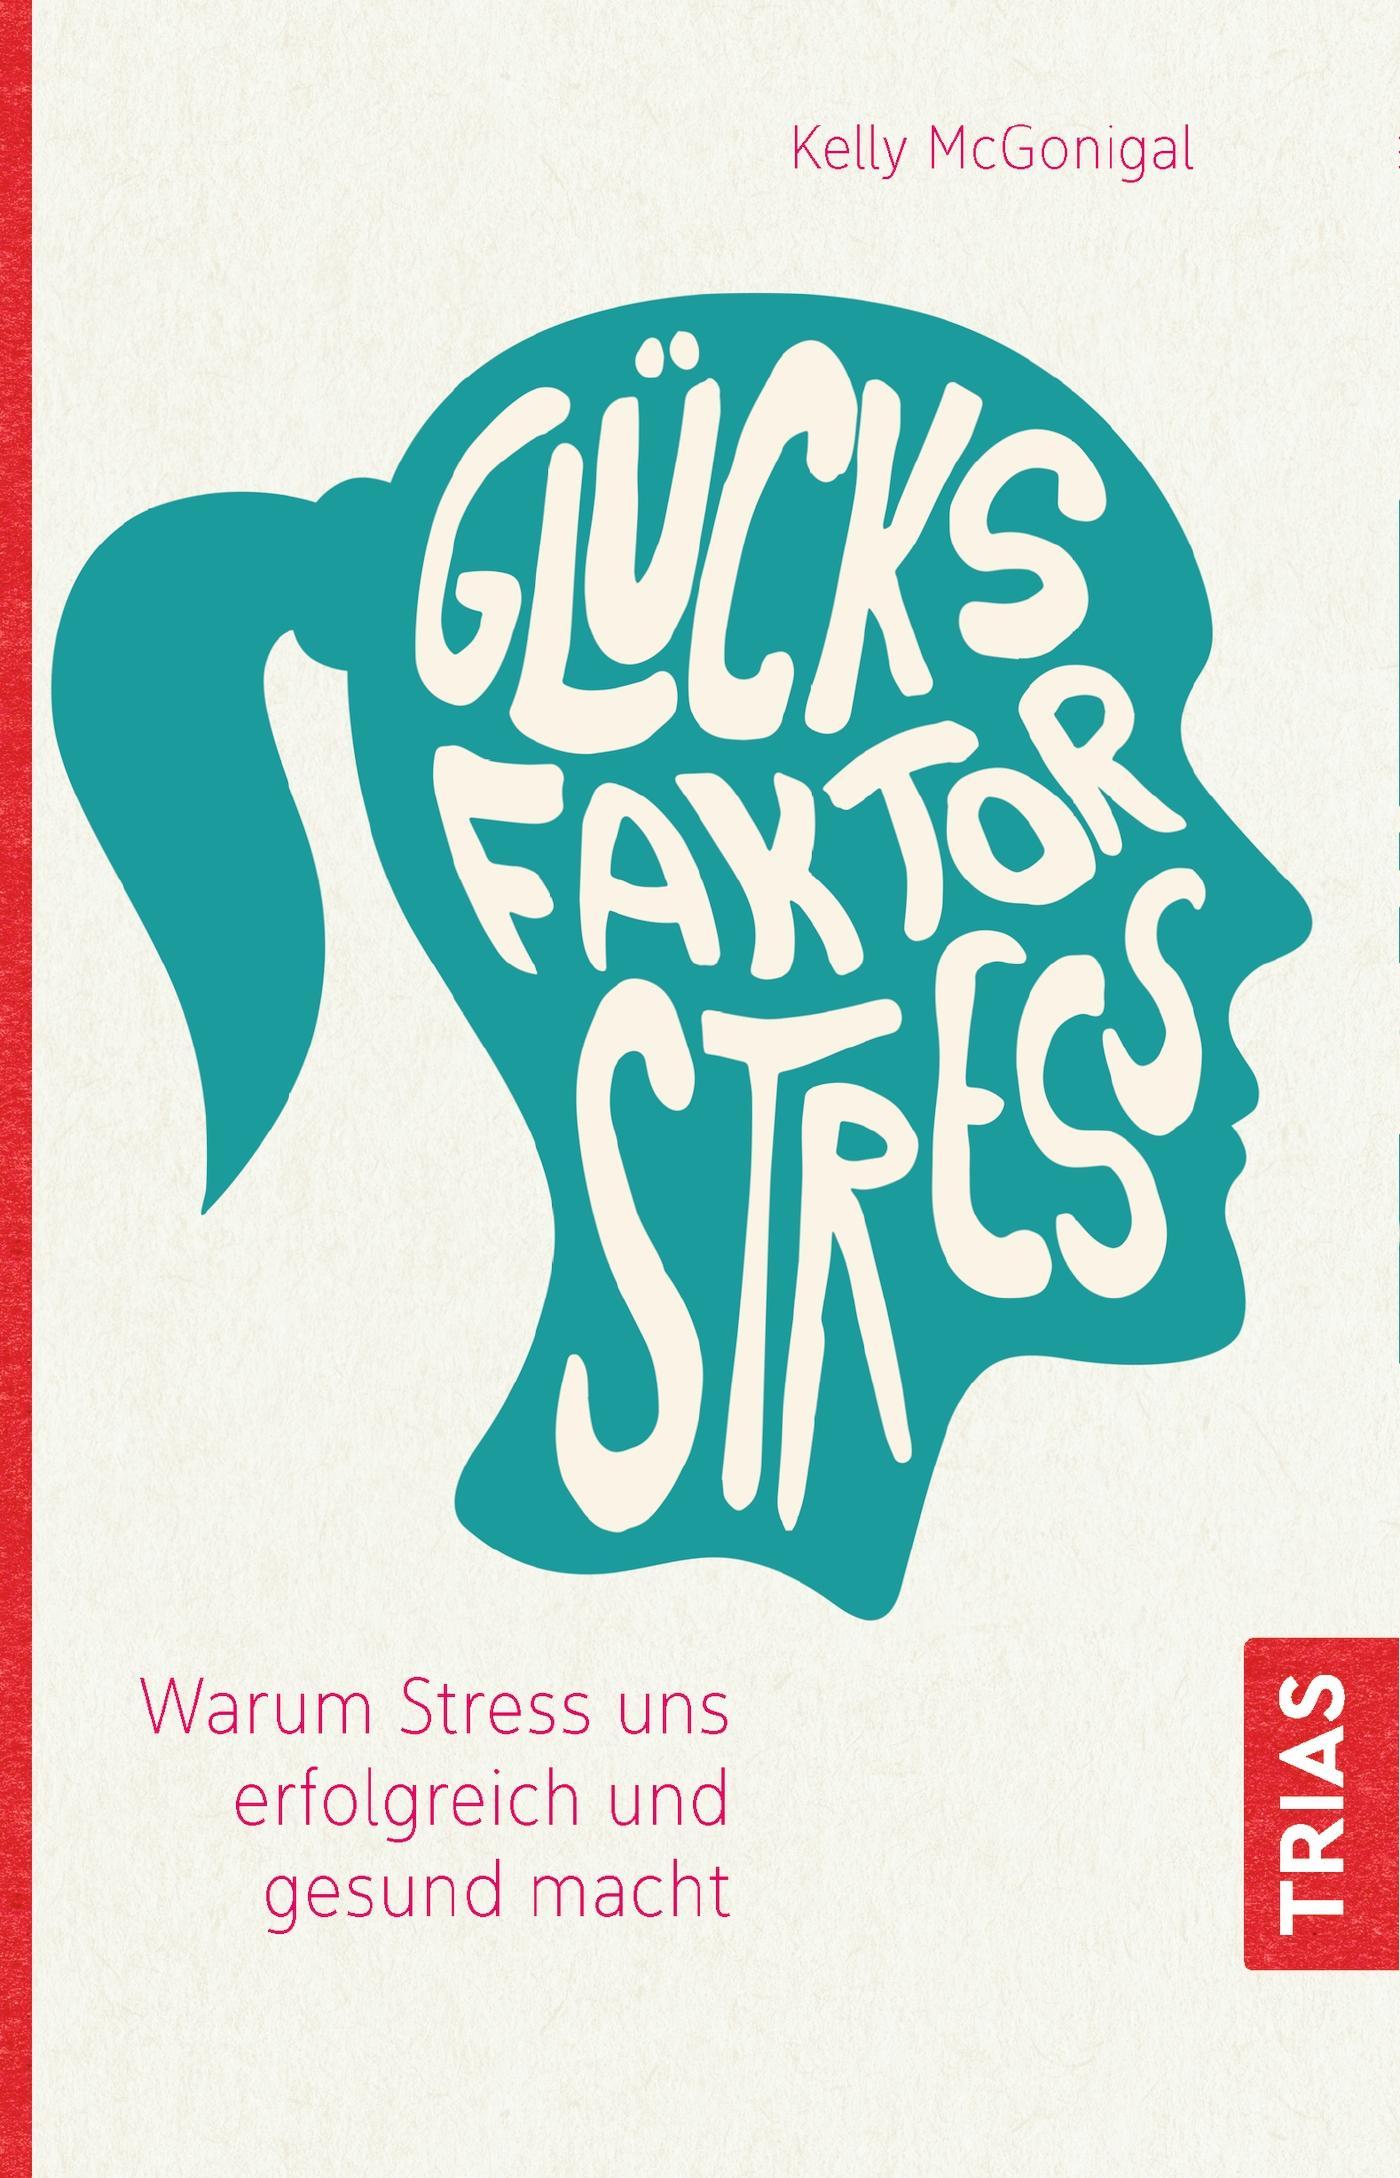 Glücksfaktor Stress, Warum Stress uns erfolgreich und gesund macht, McGonigal